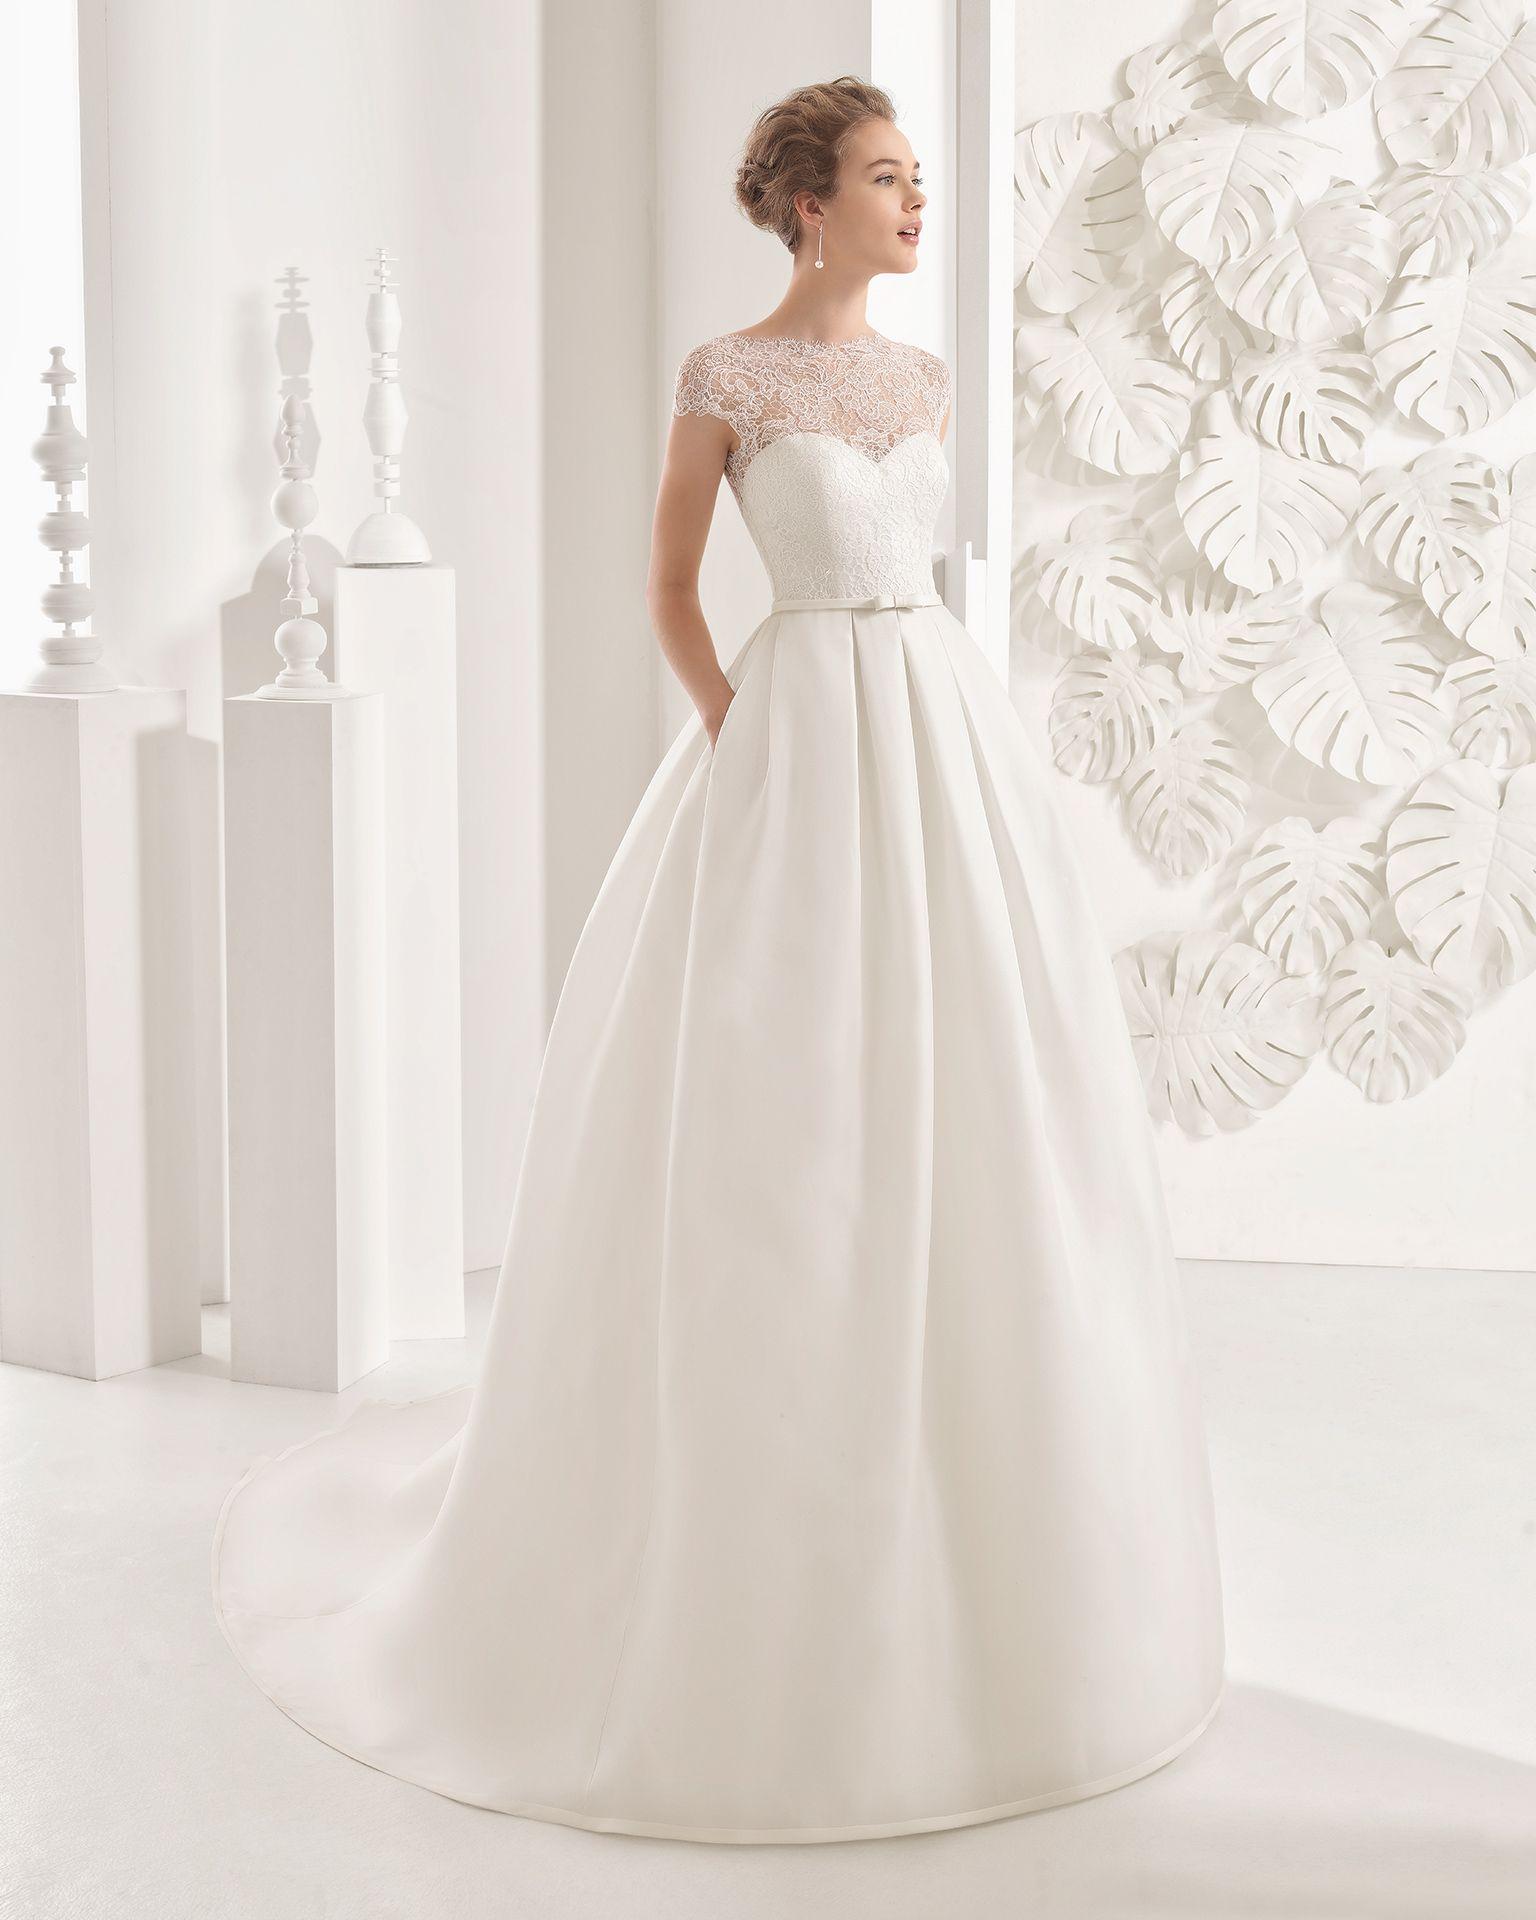 Naolin - Hochzeit 2017. Rosa Clará Kollektion   Pinterest   Rosa ...